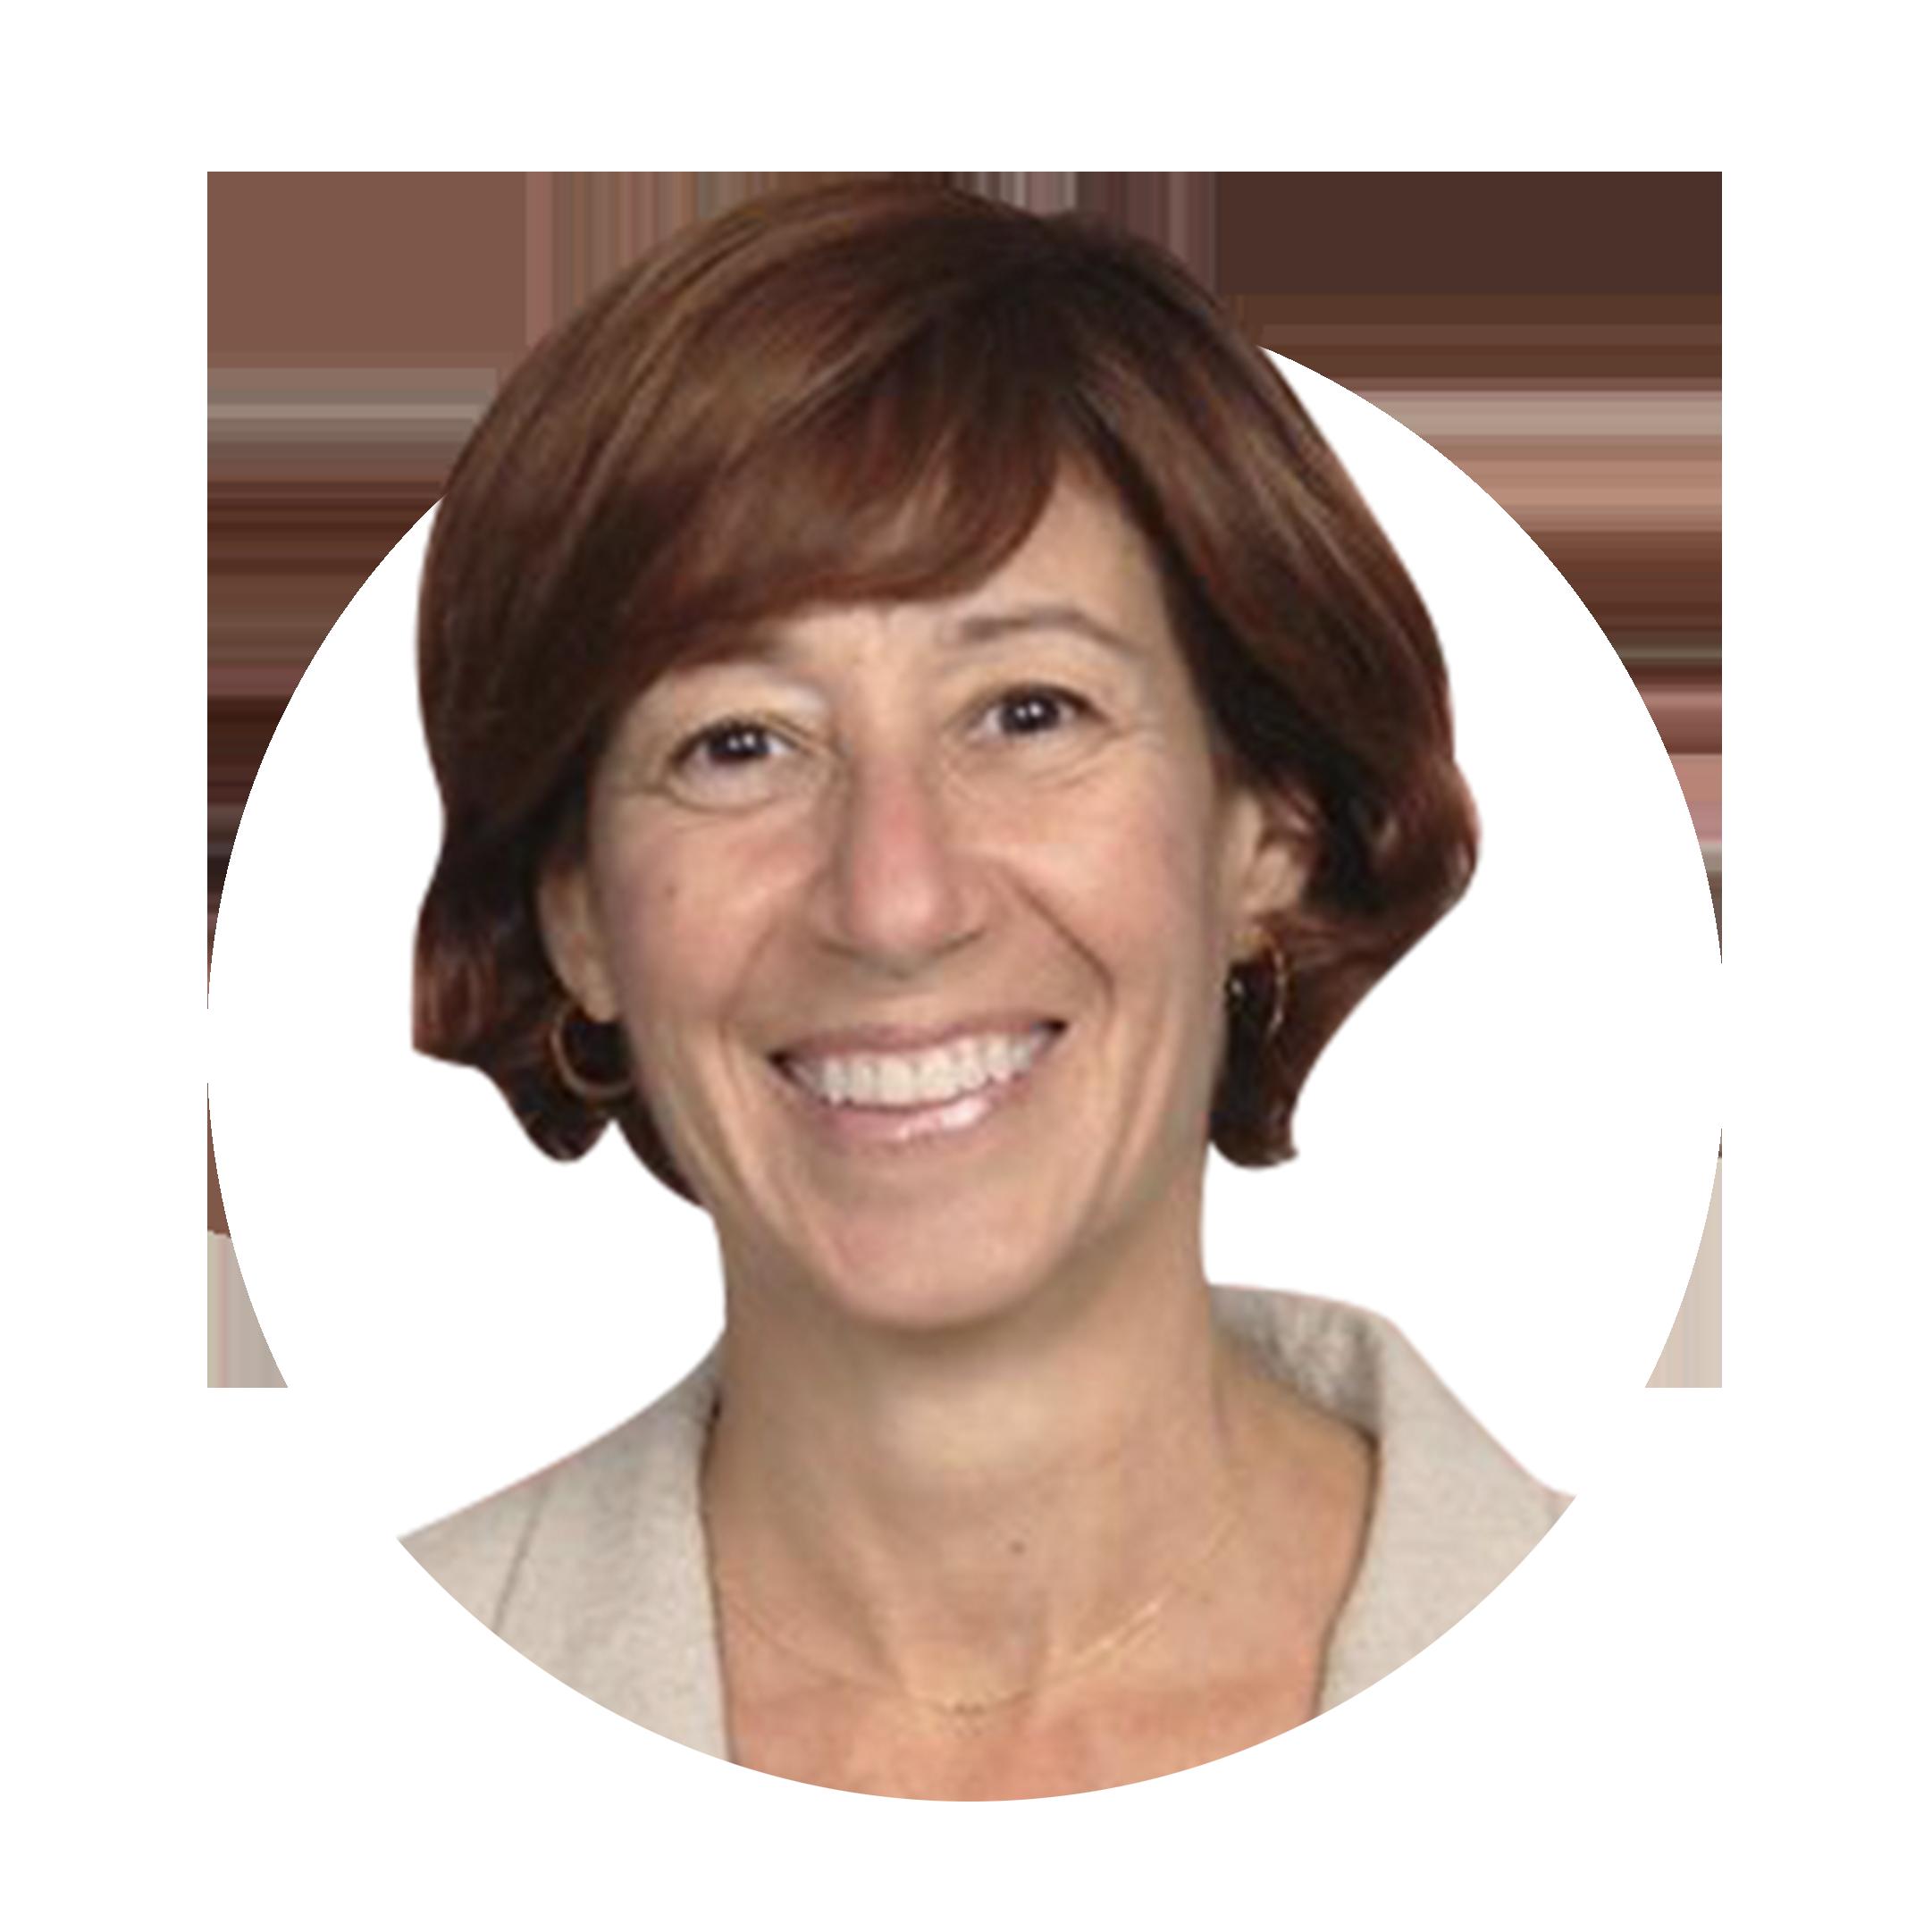 Sidekick profile Debra Raybold